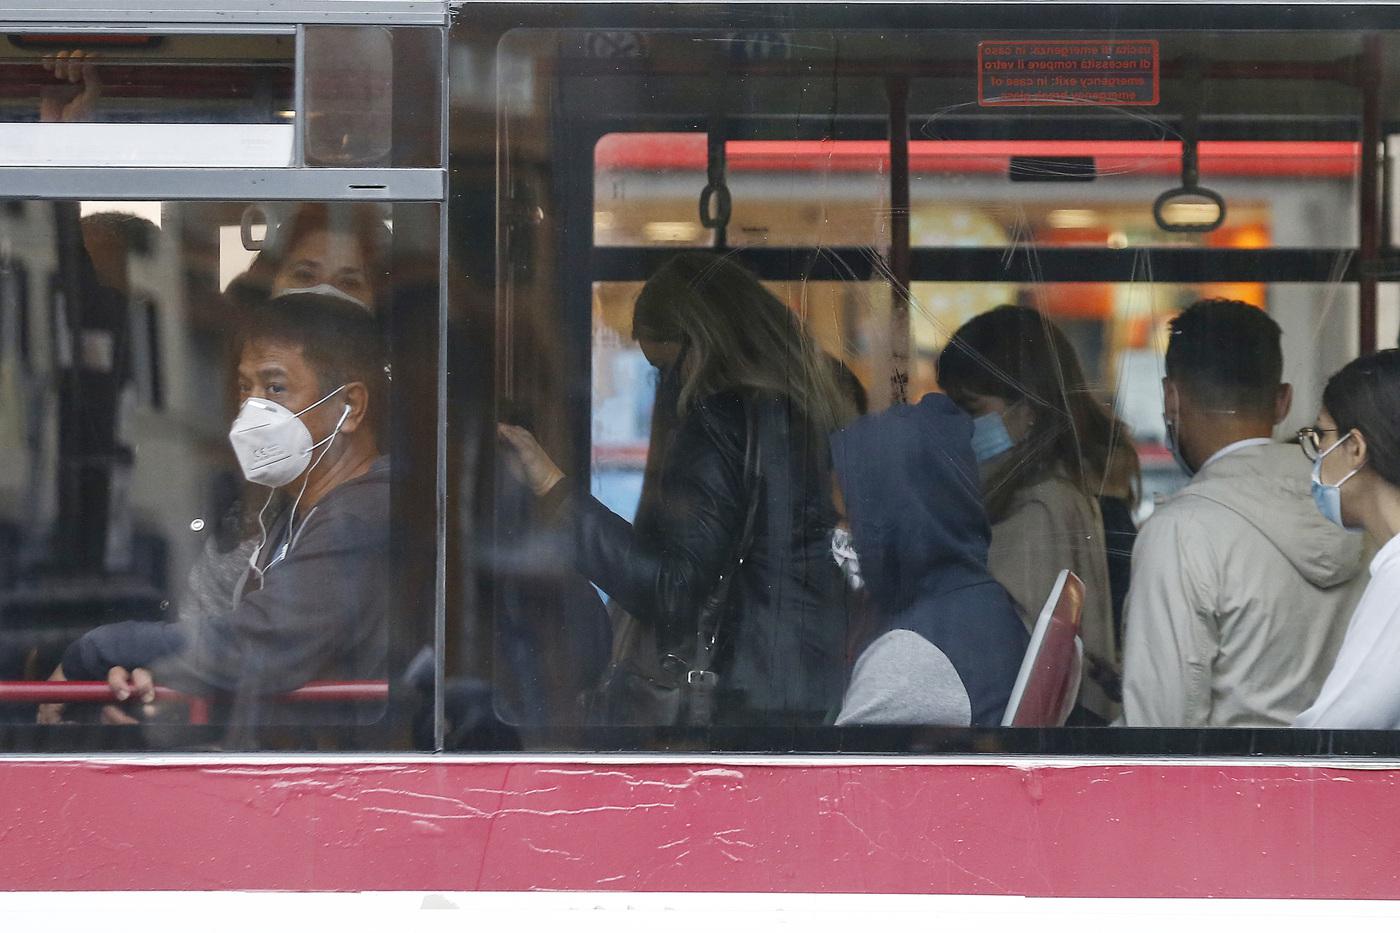 Emergenza Covid, così hanno deciso Stato e regioni: mascherine FFP2 obbligatorie nei negozi e sui mezzi pubblici